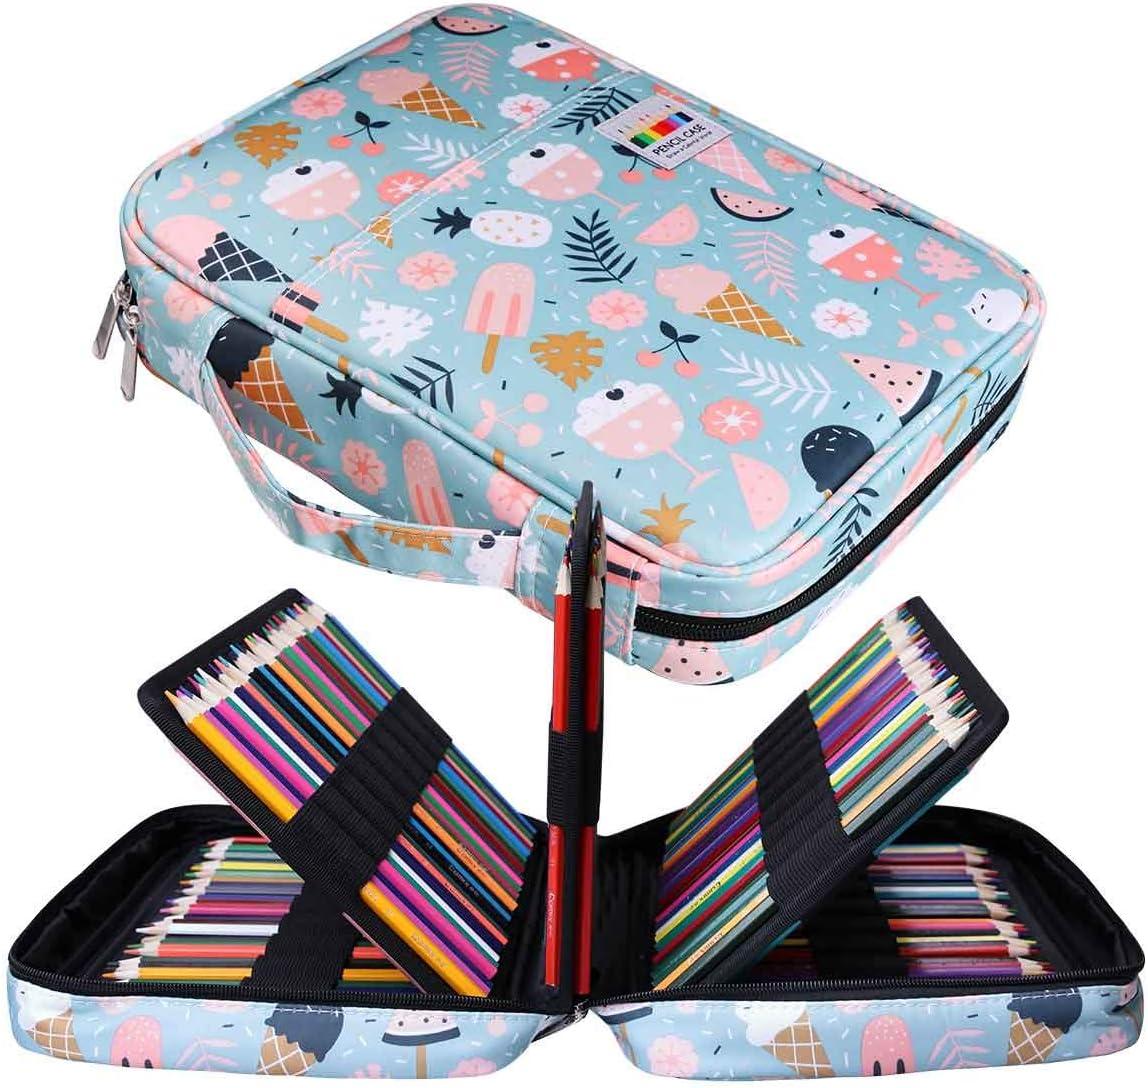 Jakago Estuche Para 220 Lápices de Colores Gran Capacidad Organizador de Bolígrafos Bolsa Impermeable Para Lápices de Acuarela y Marcadores y Bolígrafos de Gel Regalo Para Artistas Estudiantes